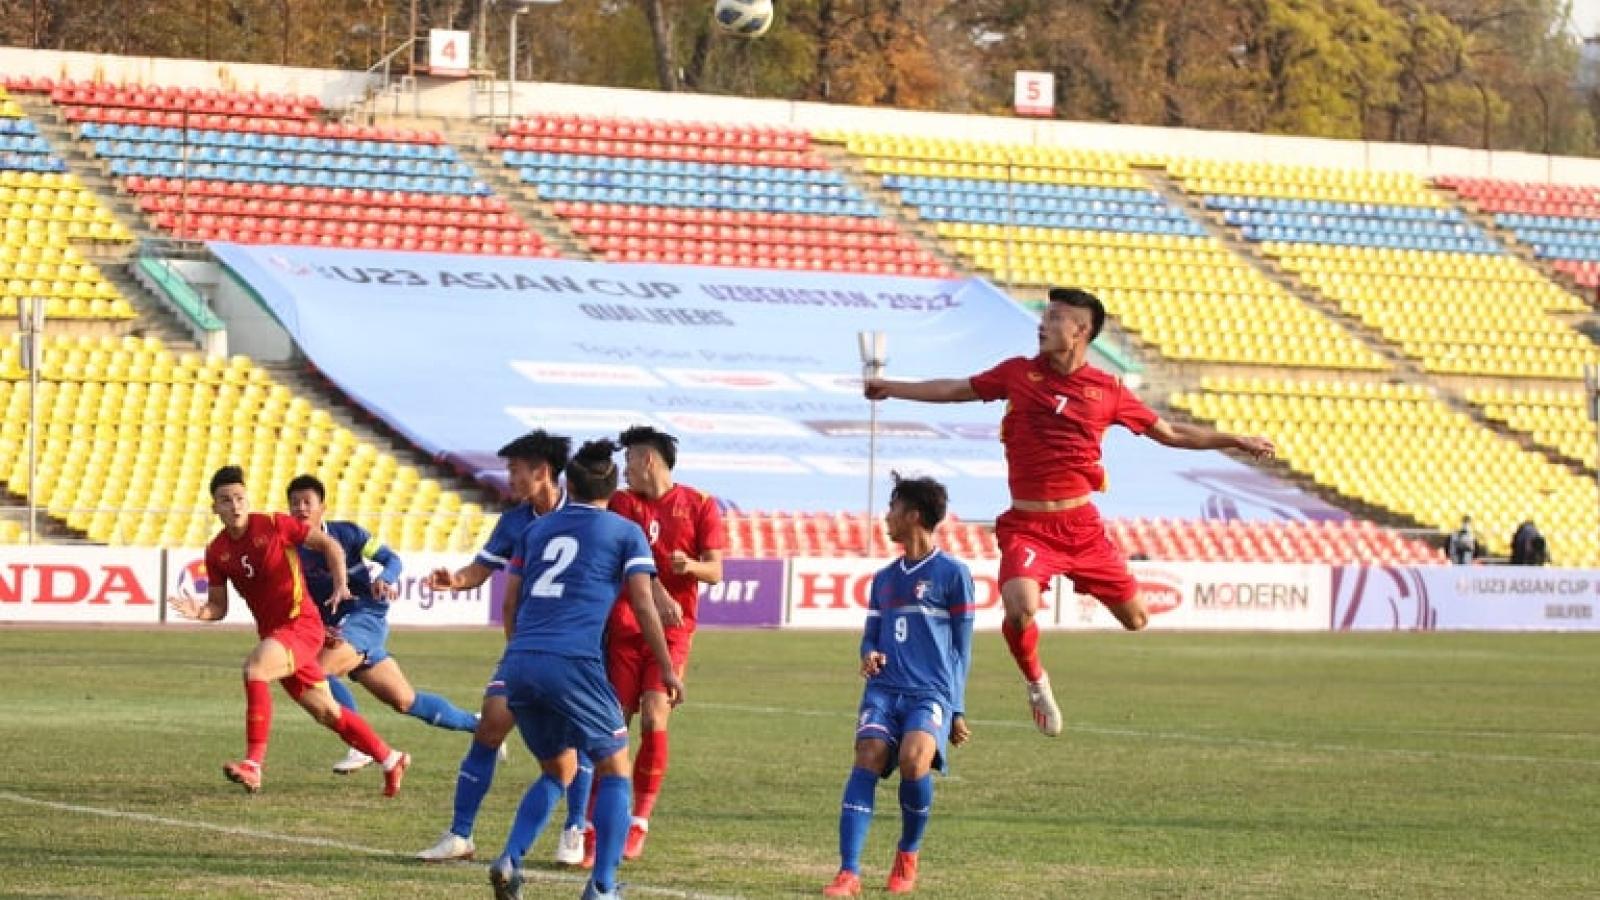 Lê Văn Xuân ghi bàn, U23 Việt Nam thắng nhọc U23 Đài Bắc Trung Hoa